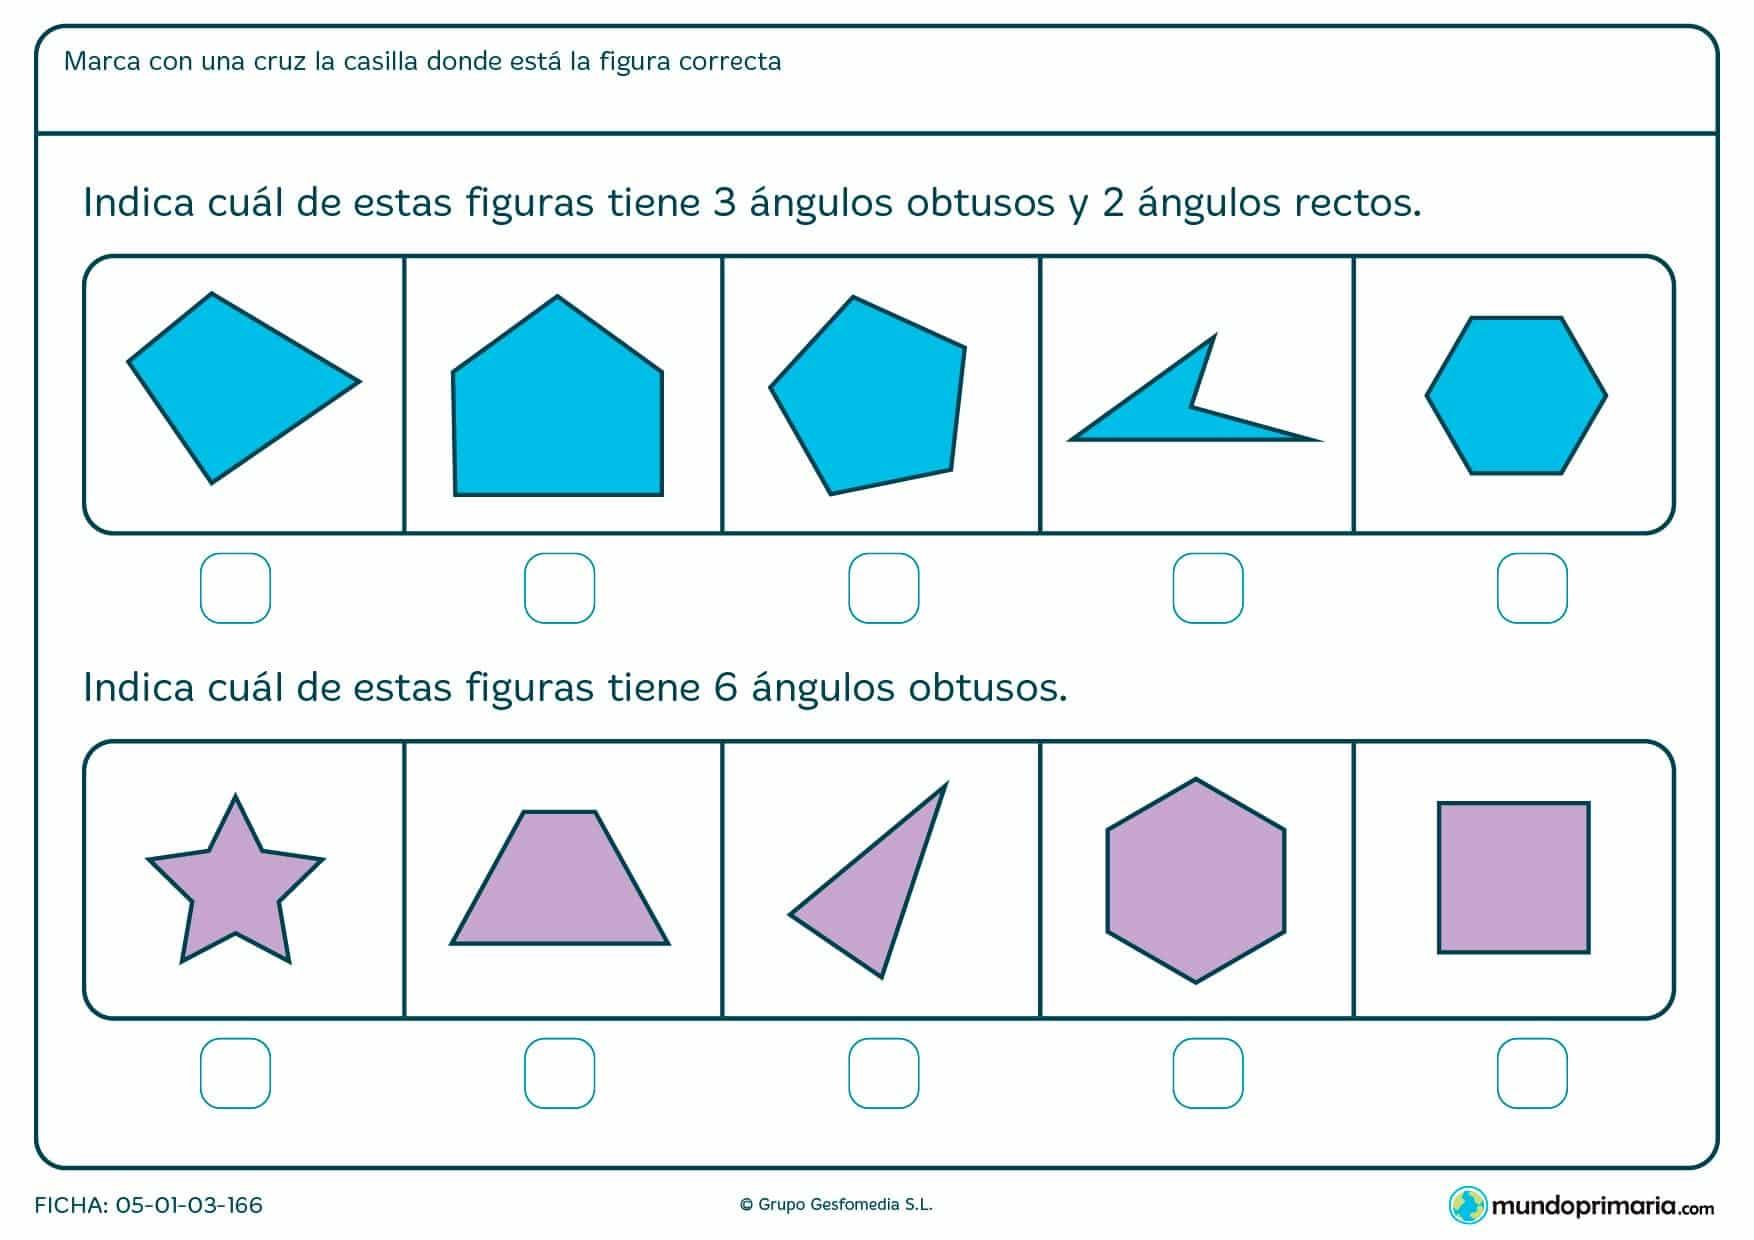 Ficha de ángulos de 90 grados y obtusos en la que has de encontrar la figura que cumpla los requisitos del enunciado.